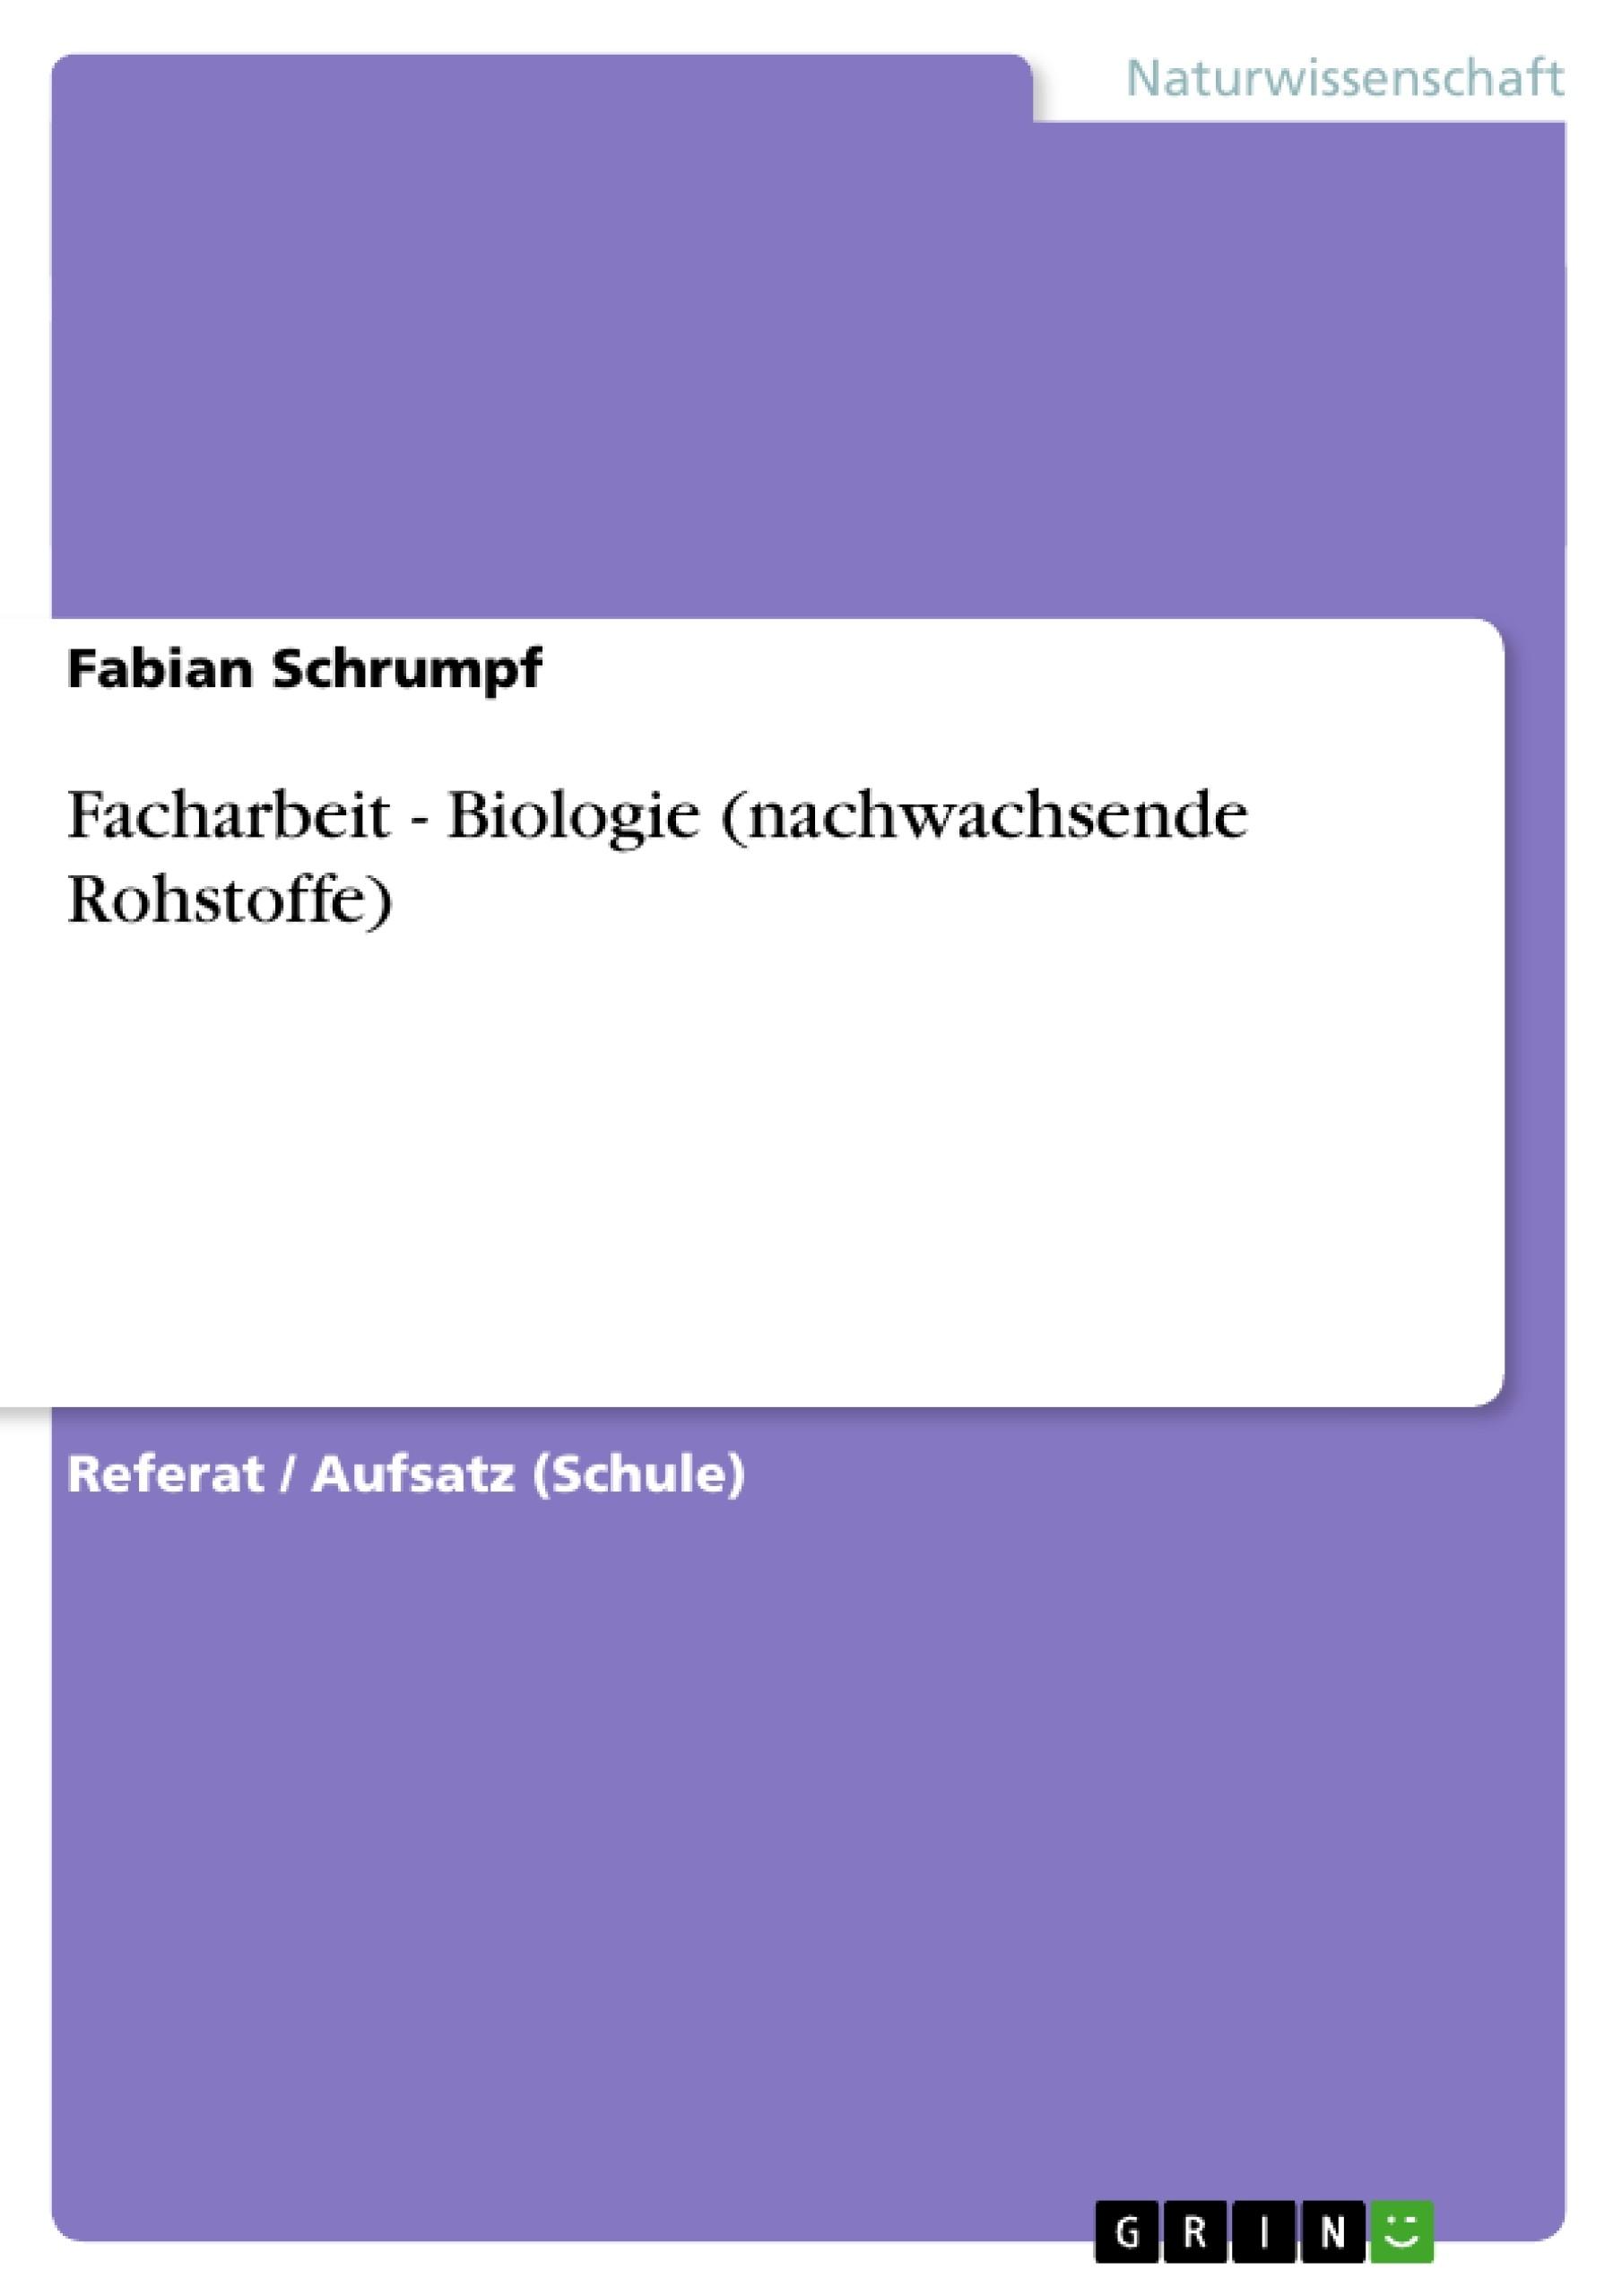 Titel: Facharbeit - Biologie (nachwachsende Rohstoffe)